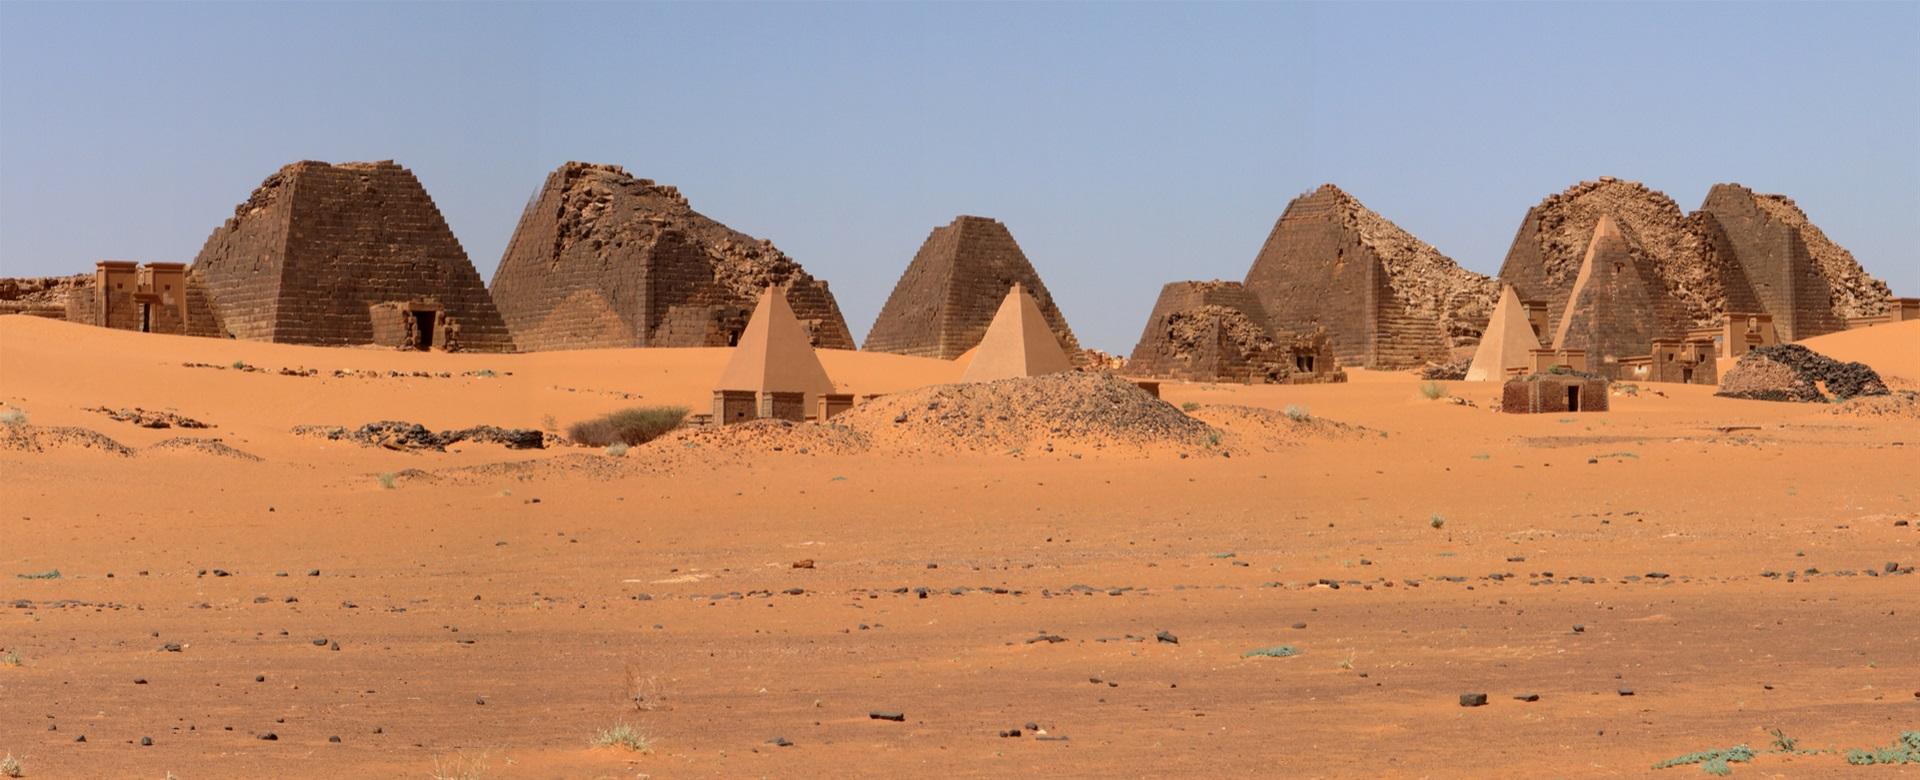 Σουδάν που χρονολογείται Υβ κέντρο γνωριμιών